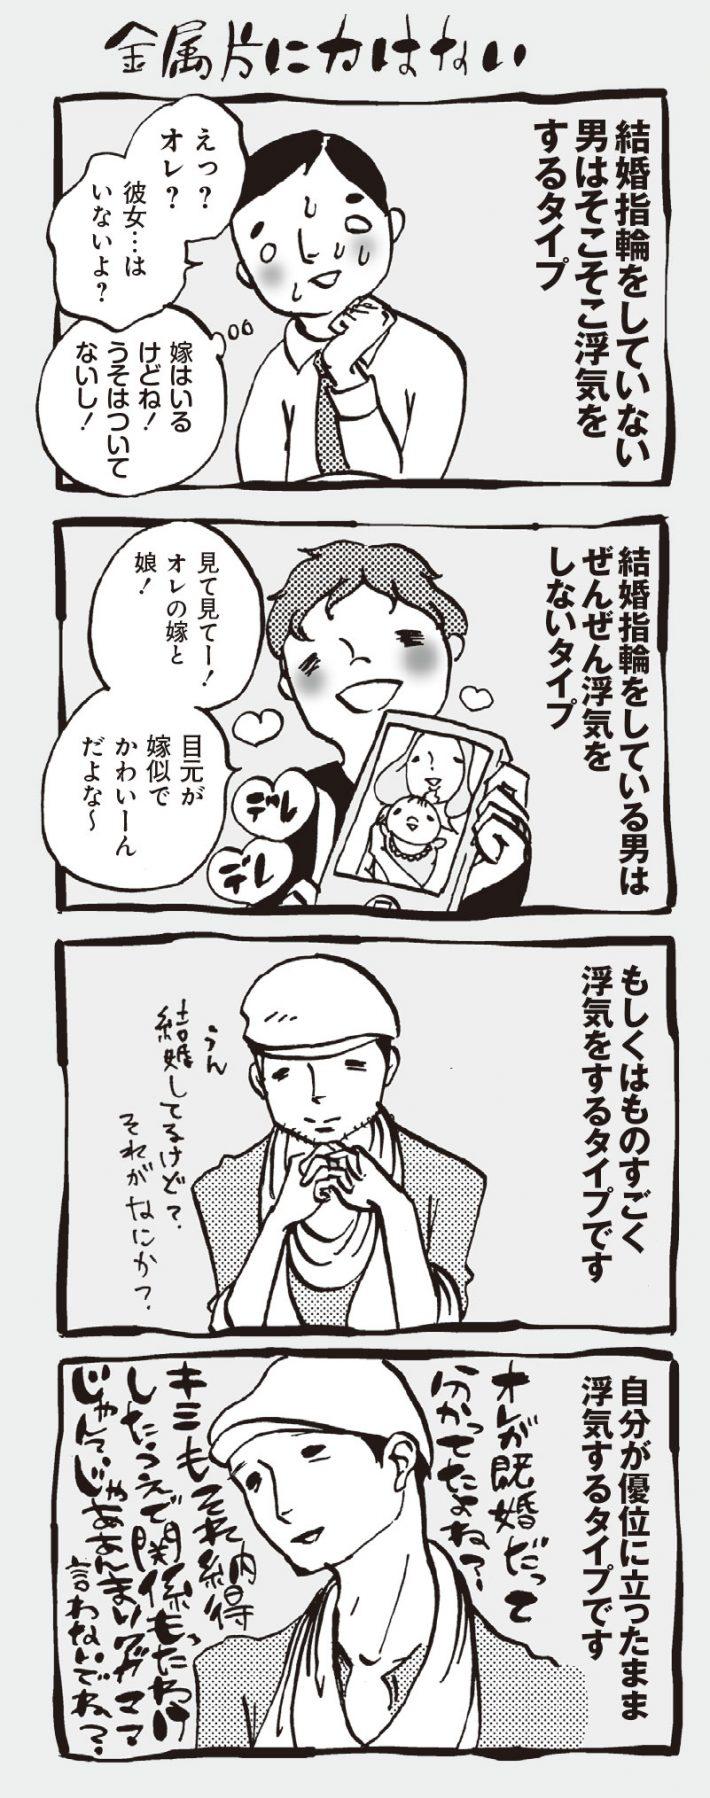 アラサーちゃん名作集38